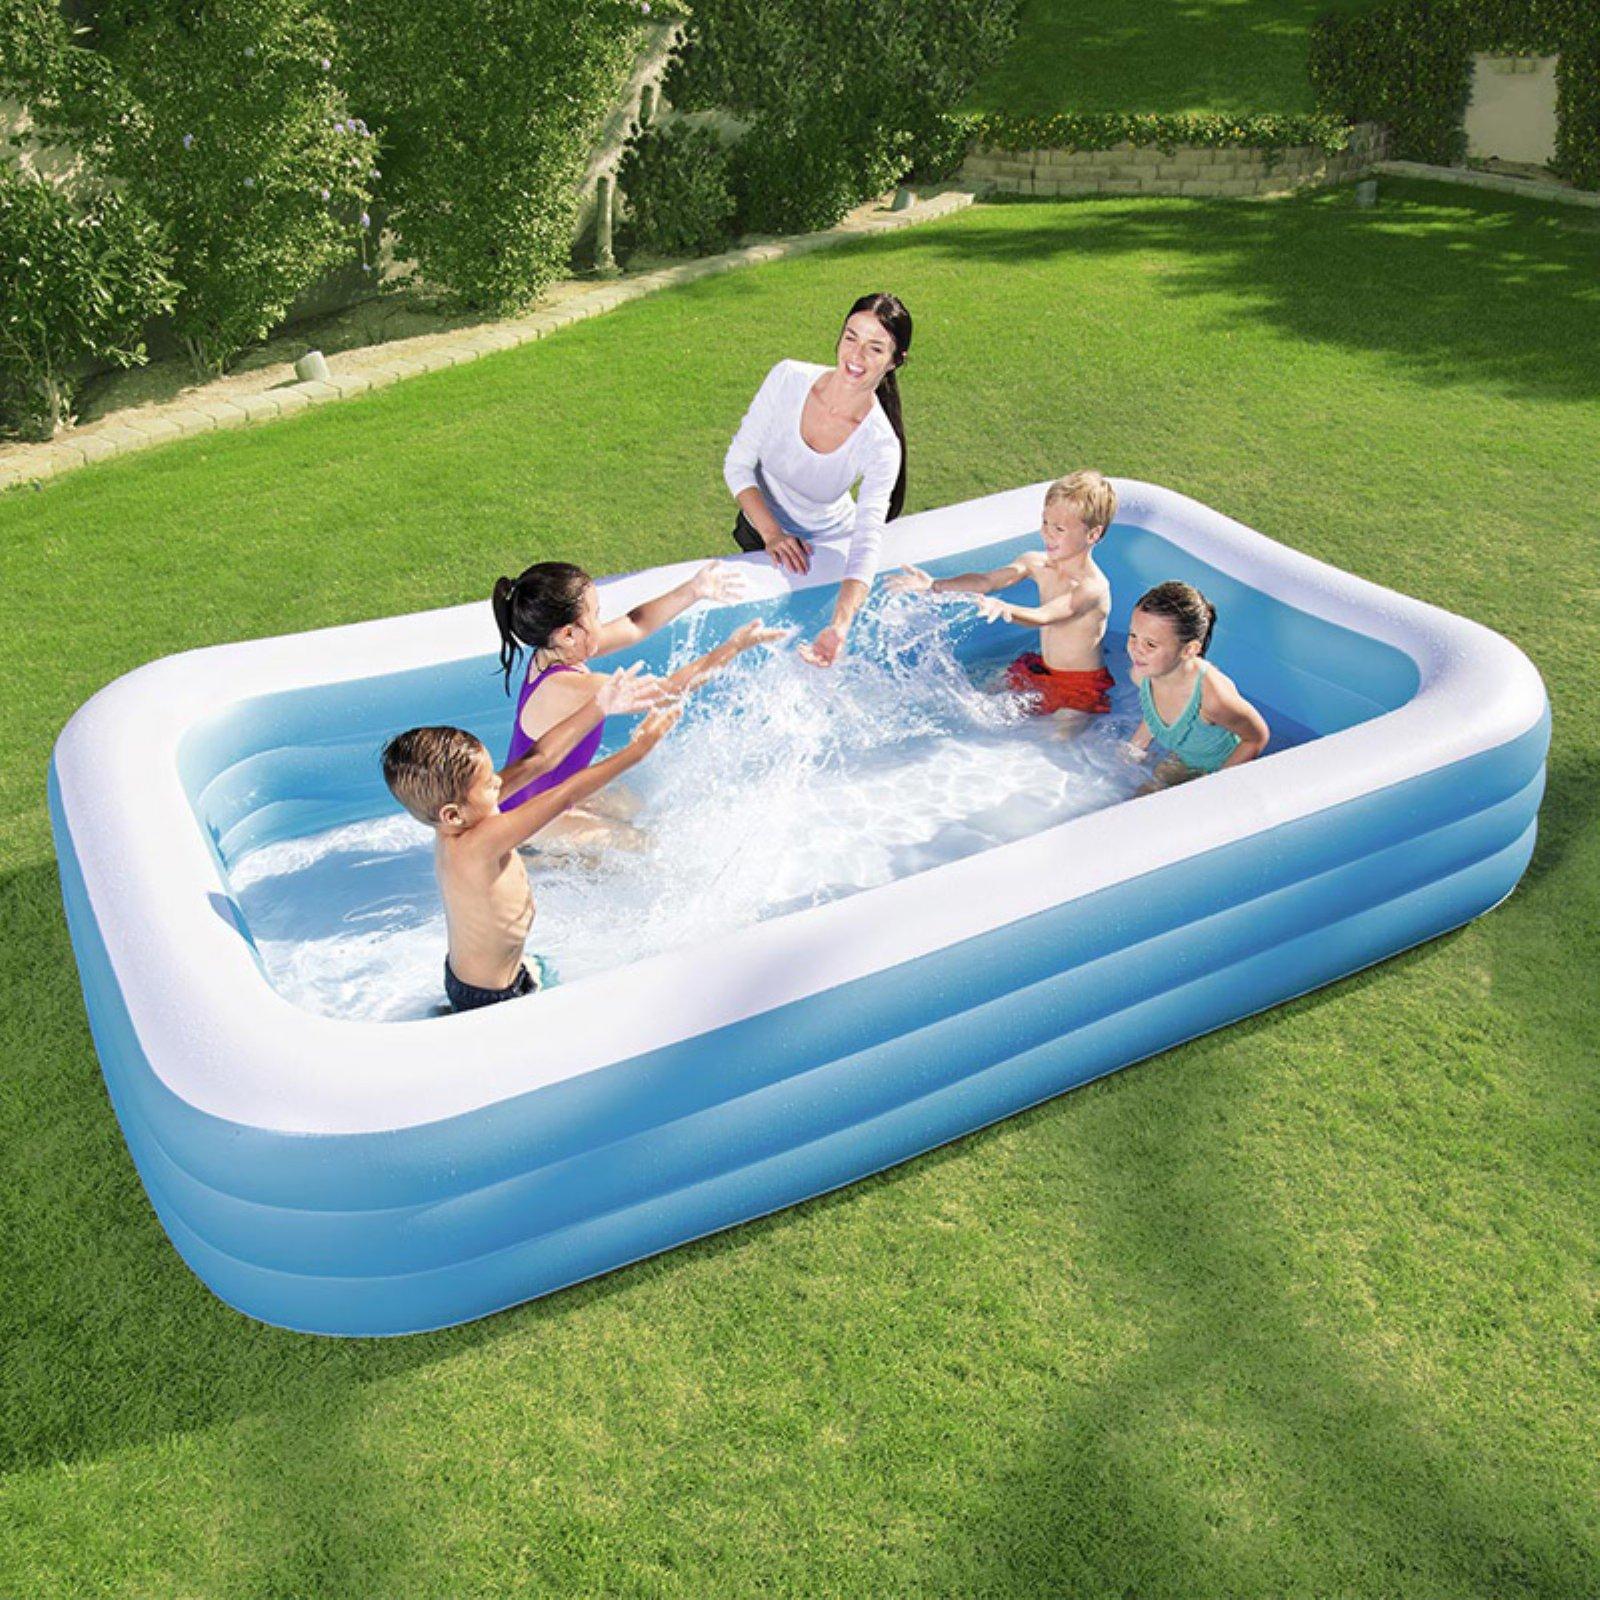 Bestway Deluxe Kiddie Pool Children Swimming Pool Family Pool